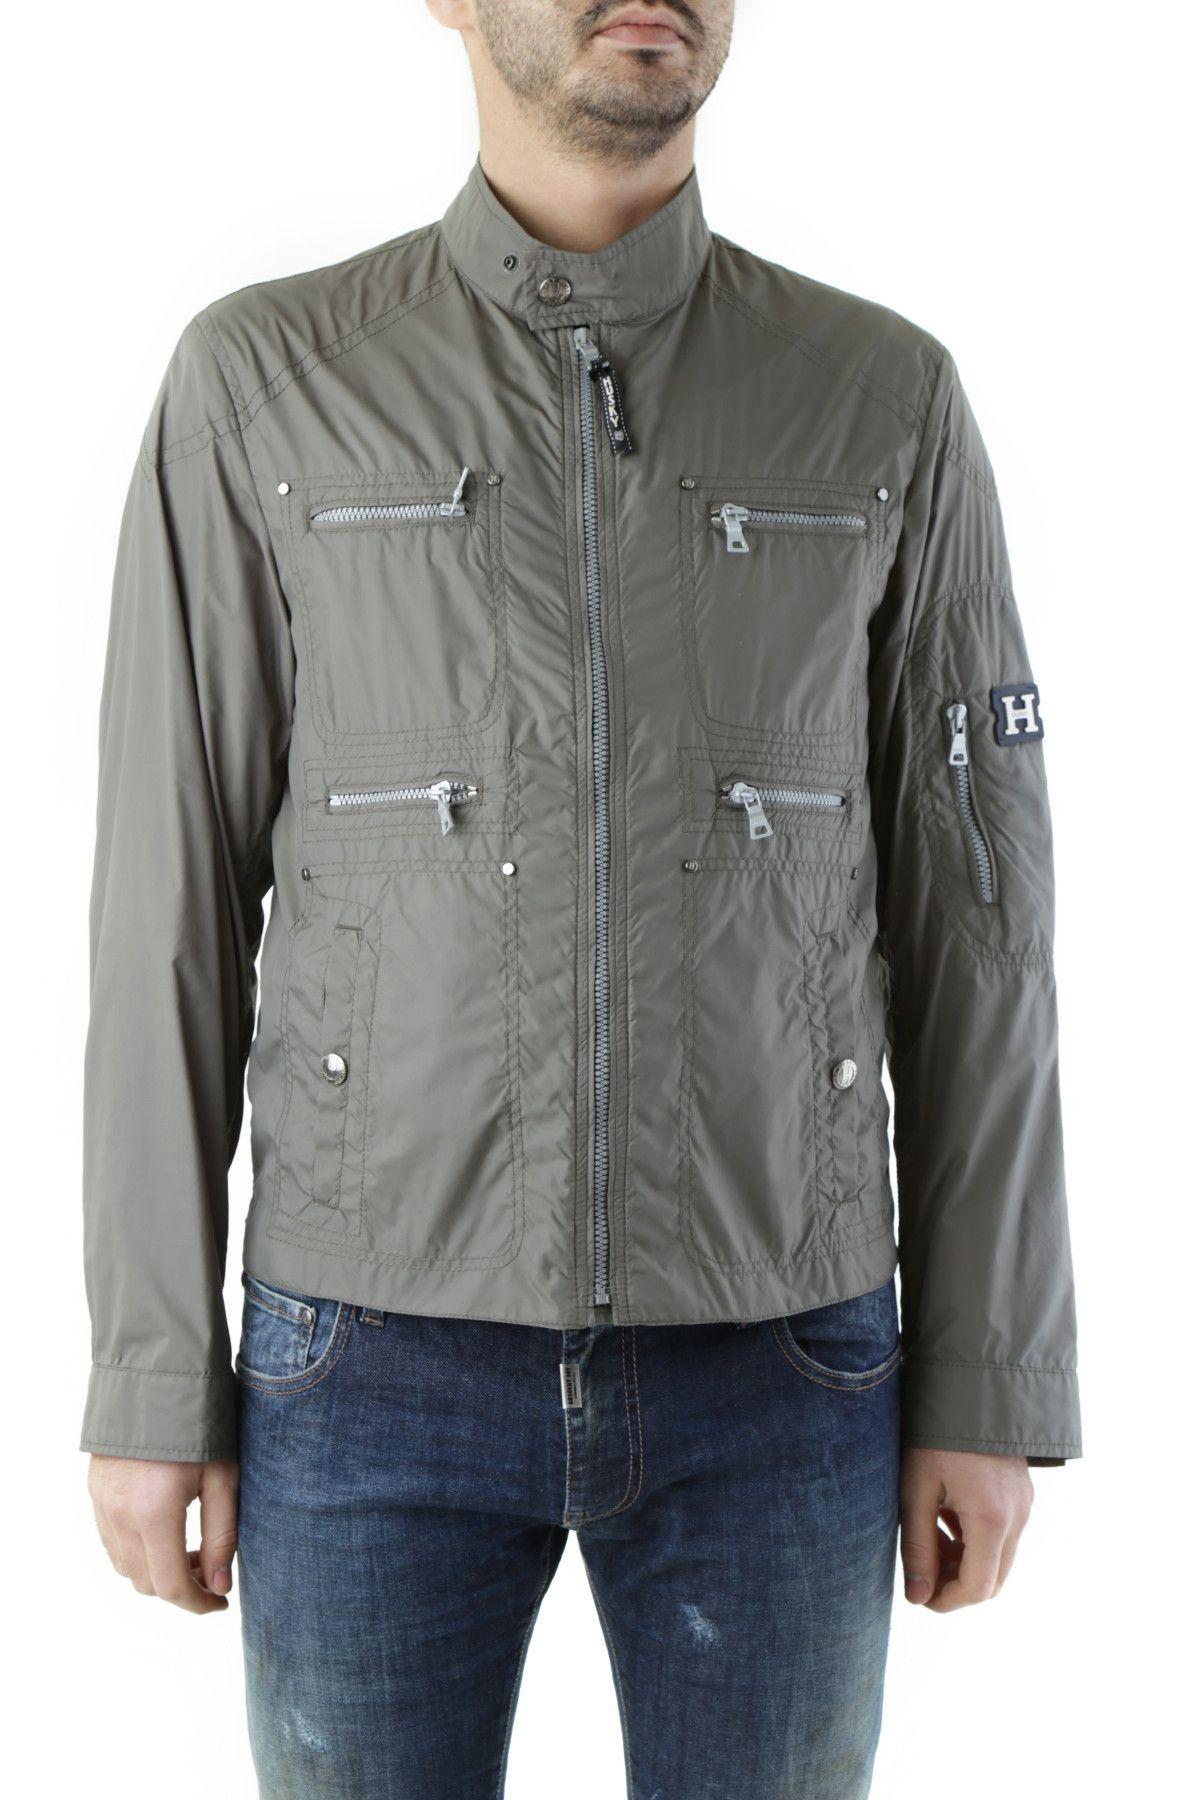 Husky Men's Jacket In Green